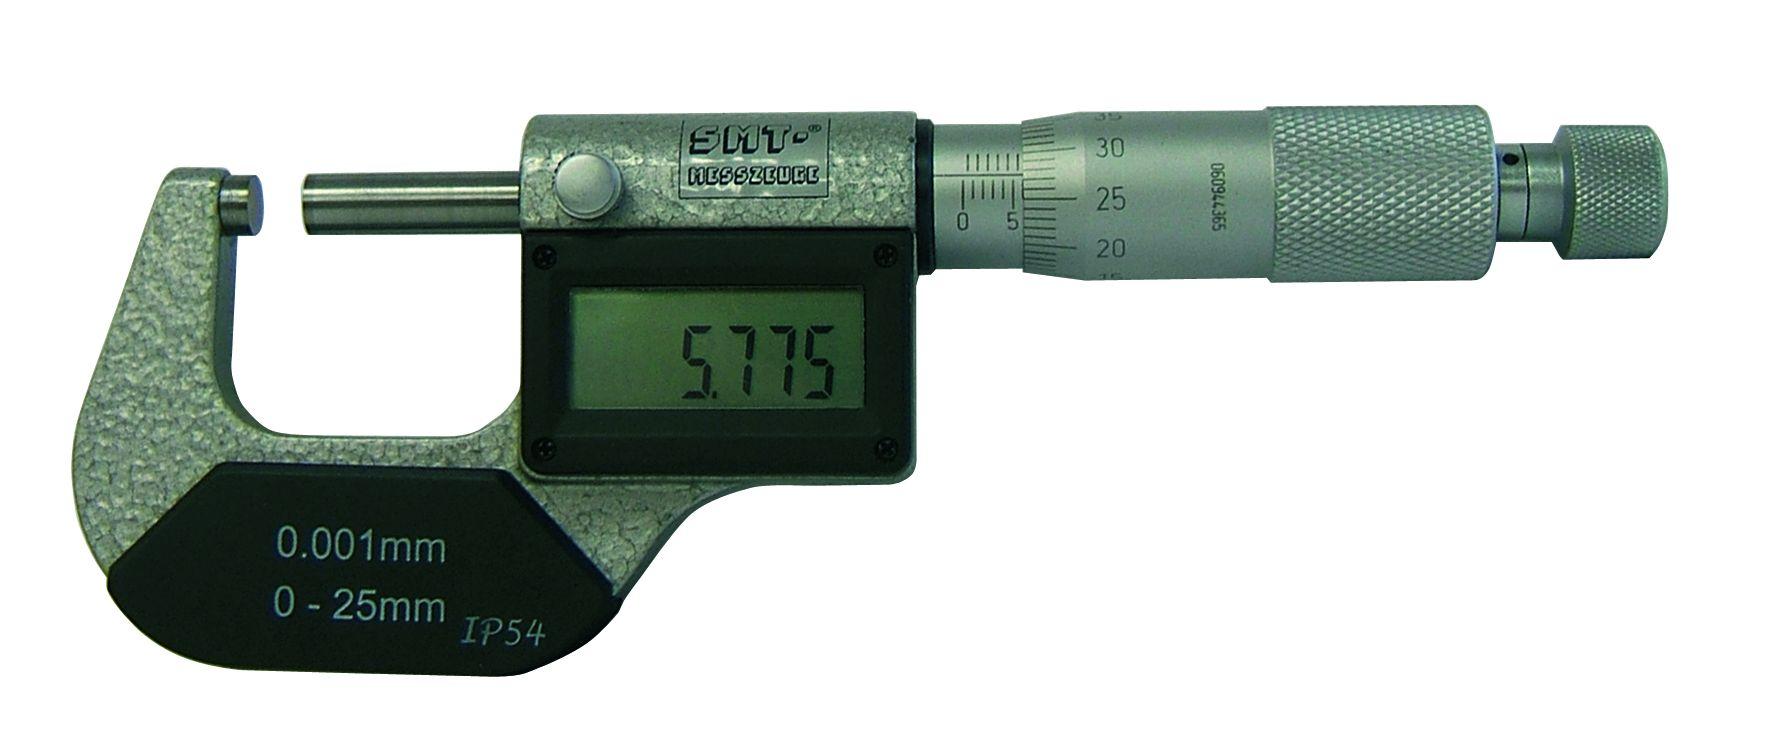 mikrometer digital 50 75 mm smt messzeuge. Black Bedroom Furniture Sets. Home Design Ideas